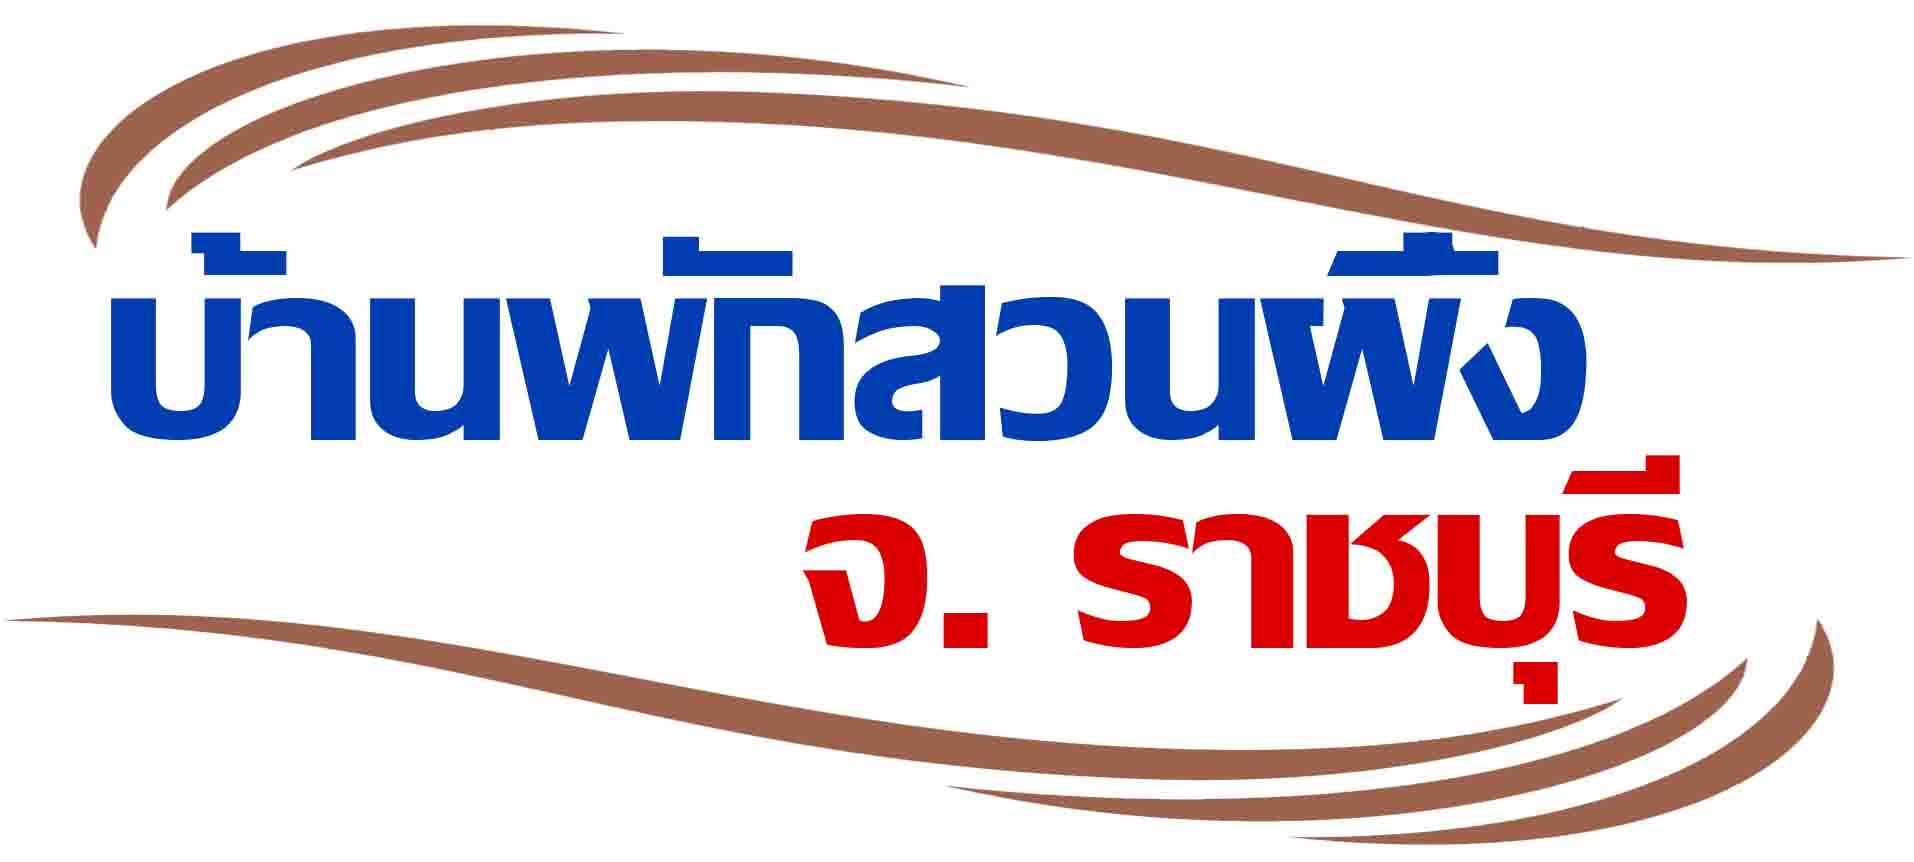 บ้านพักหัวหิน ที่พักหัวหิน บังกะโลหัวหิน www.จองบ้านพักหัวหิน.com บ้านพักหัวหิน 6